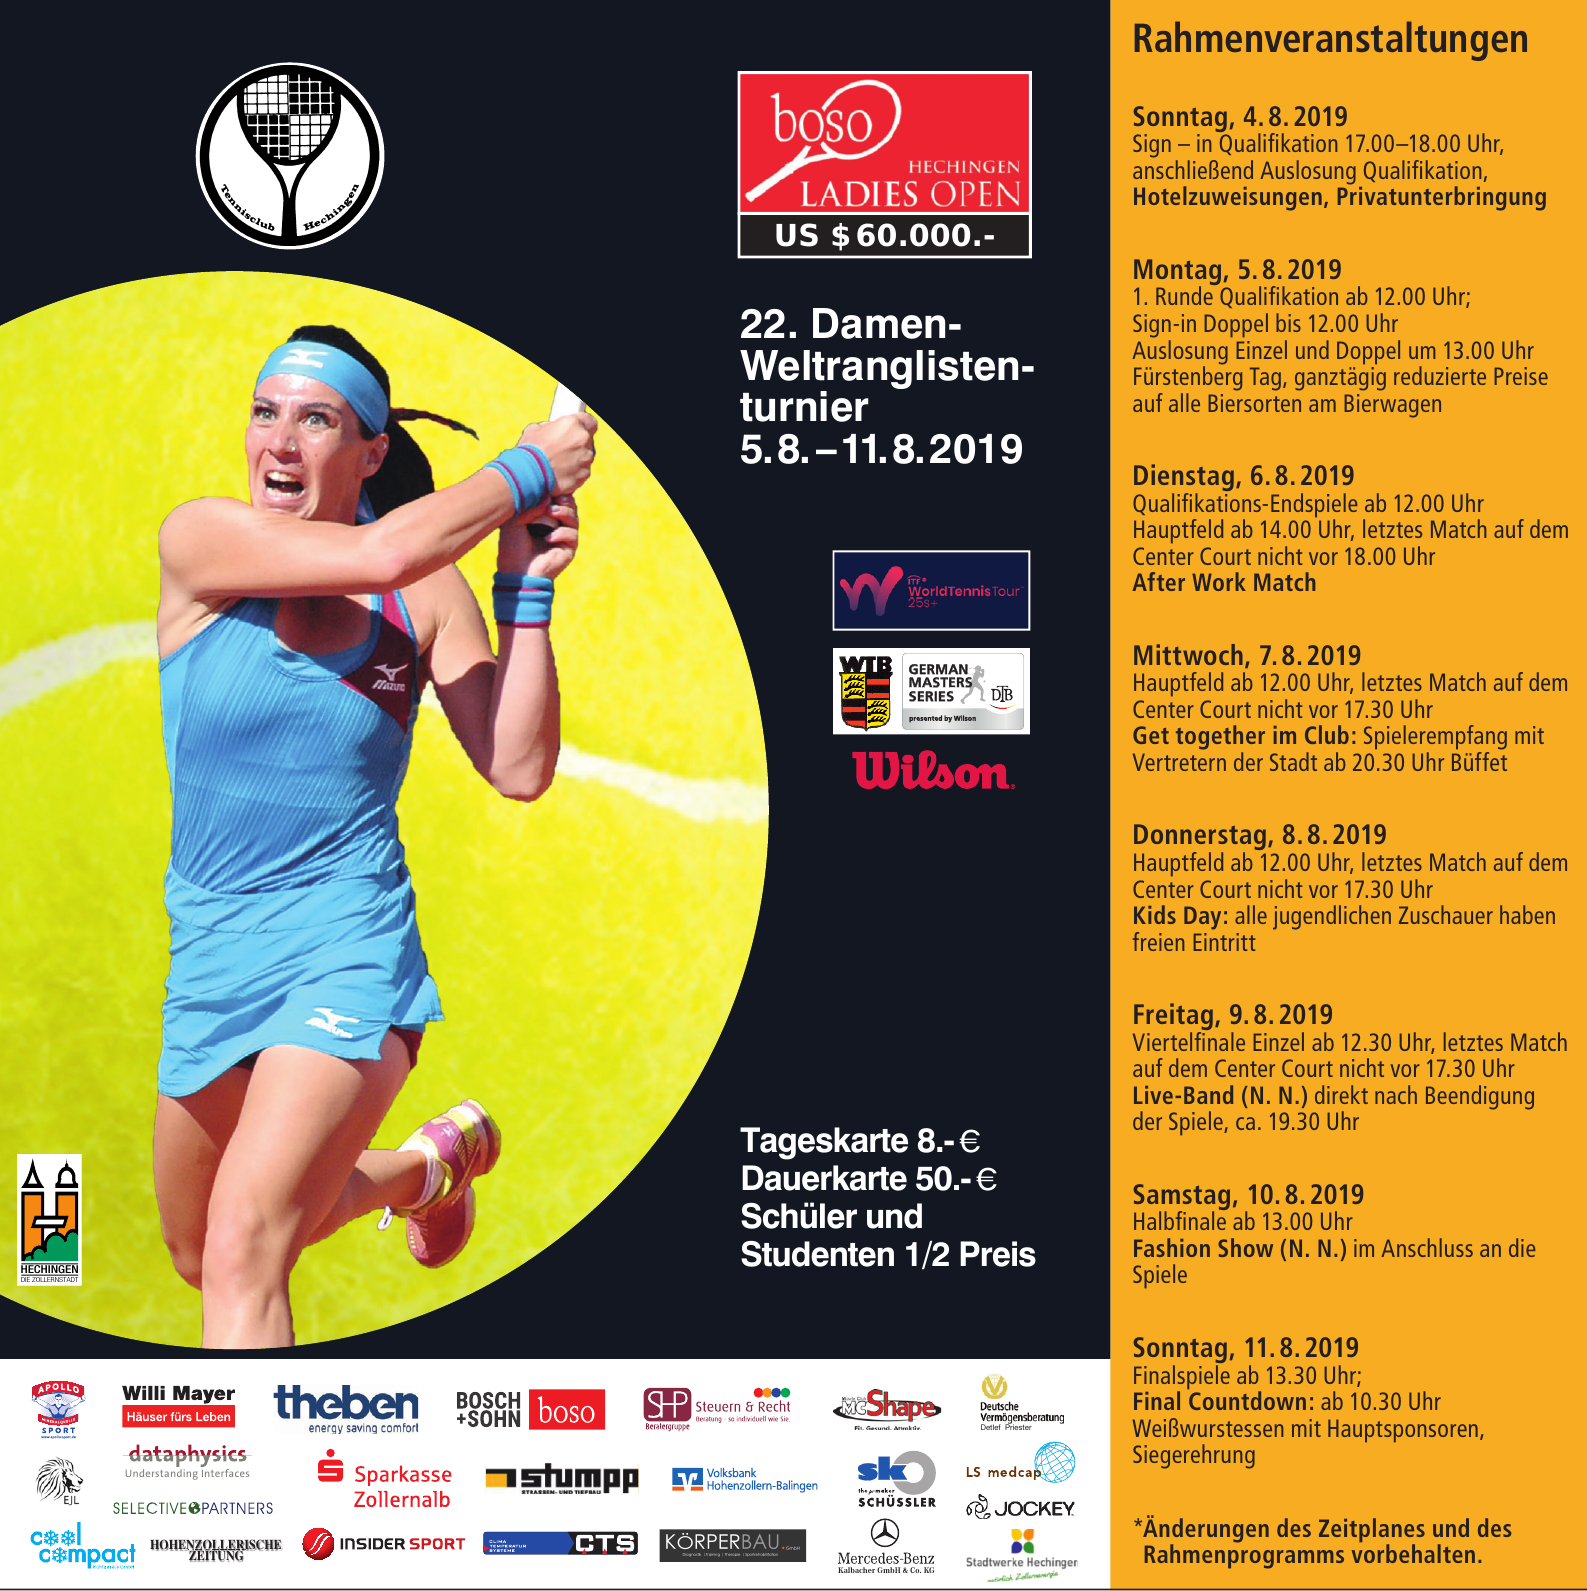 boso Hechingen Ladies Open